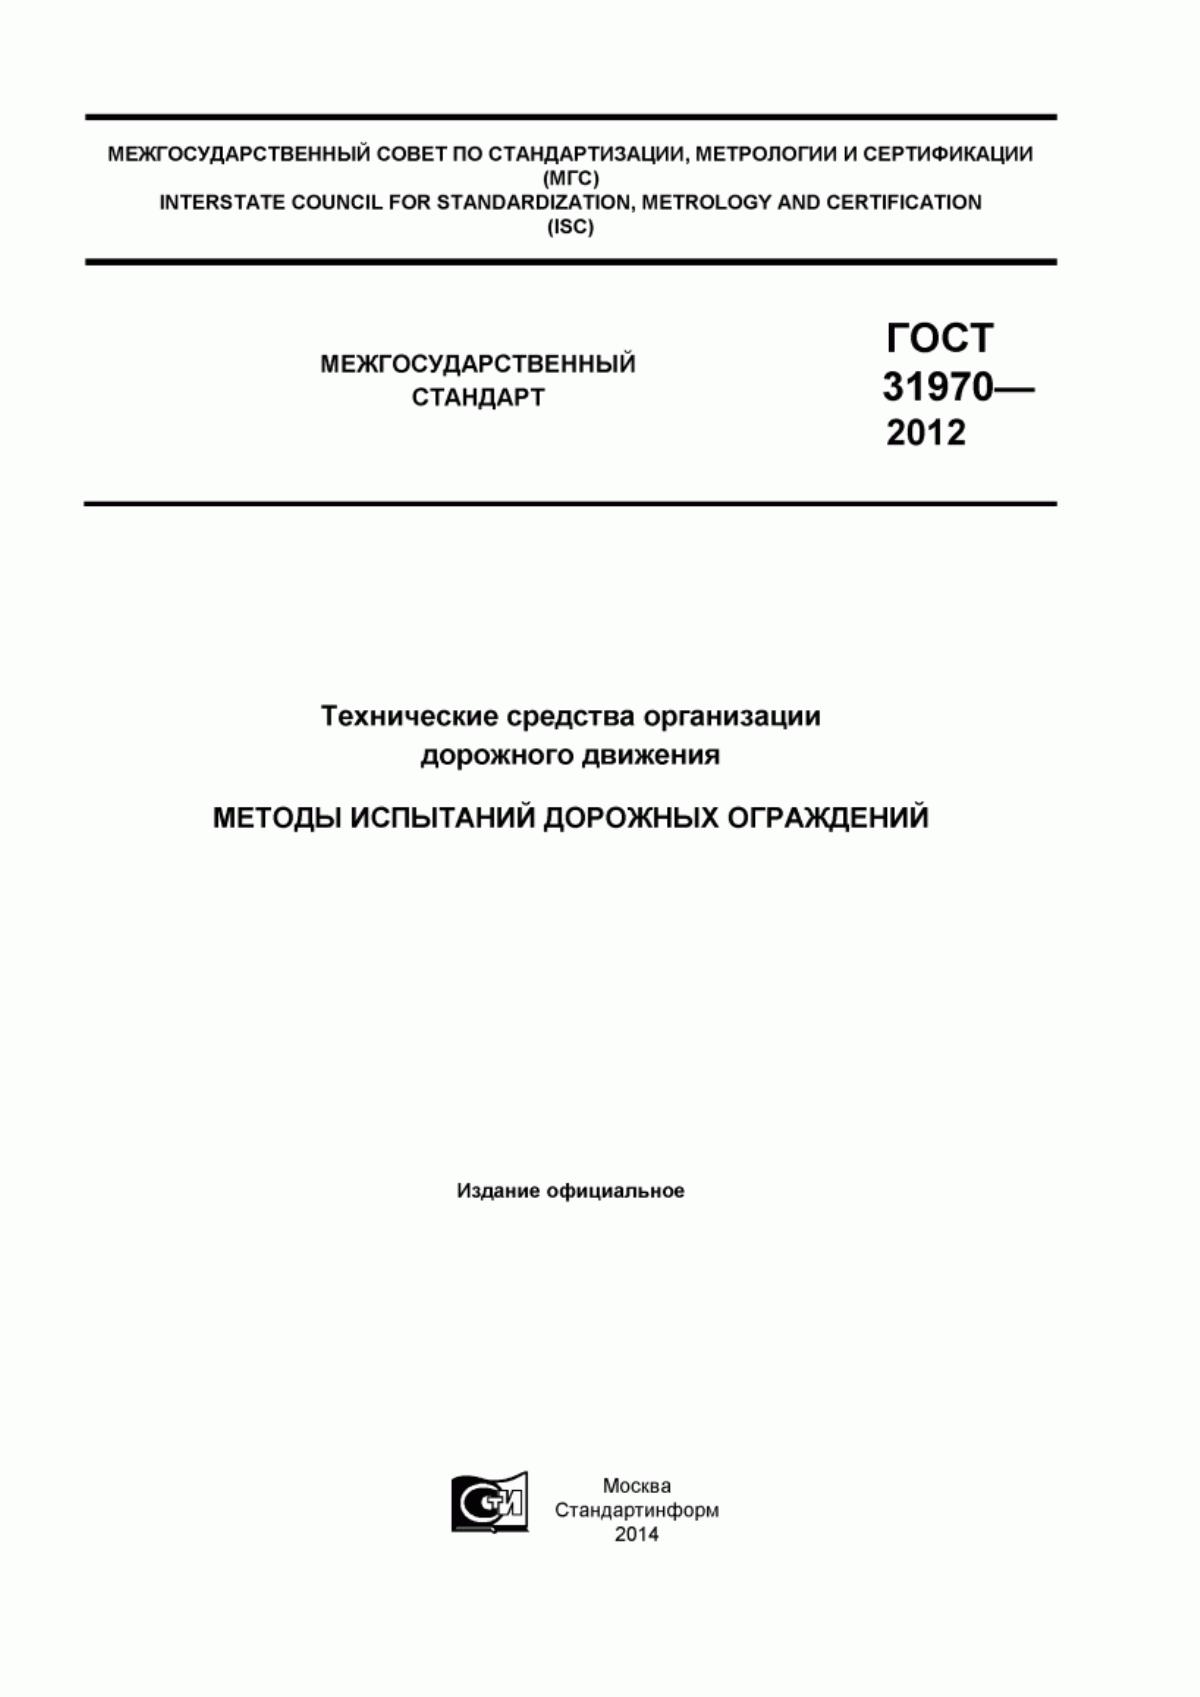 Гост р 52485-2005. материалы лакокрасочные. определение содержания летучих органических соединений (лос). разностный метод